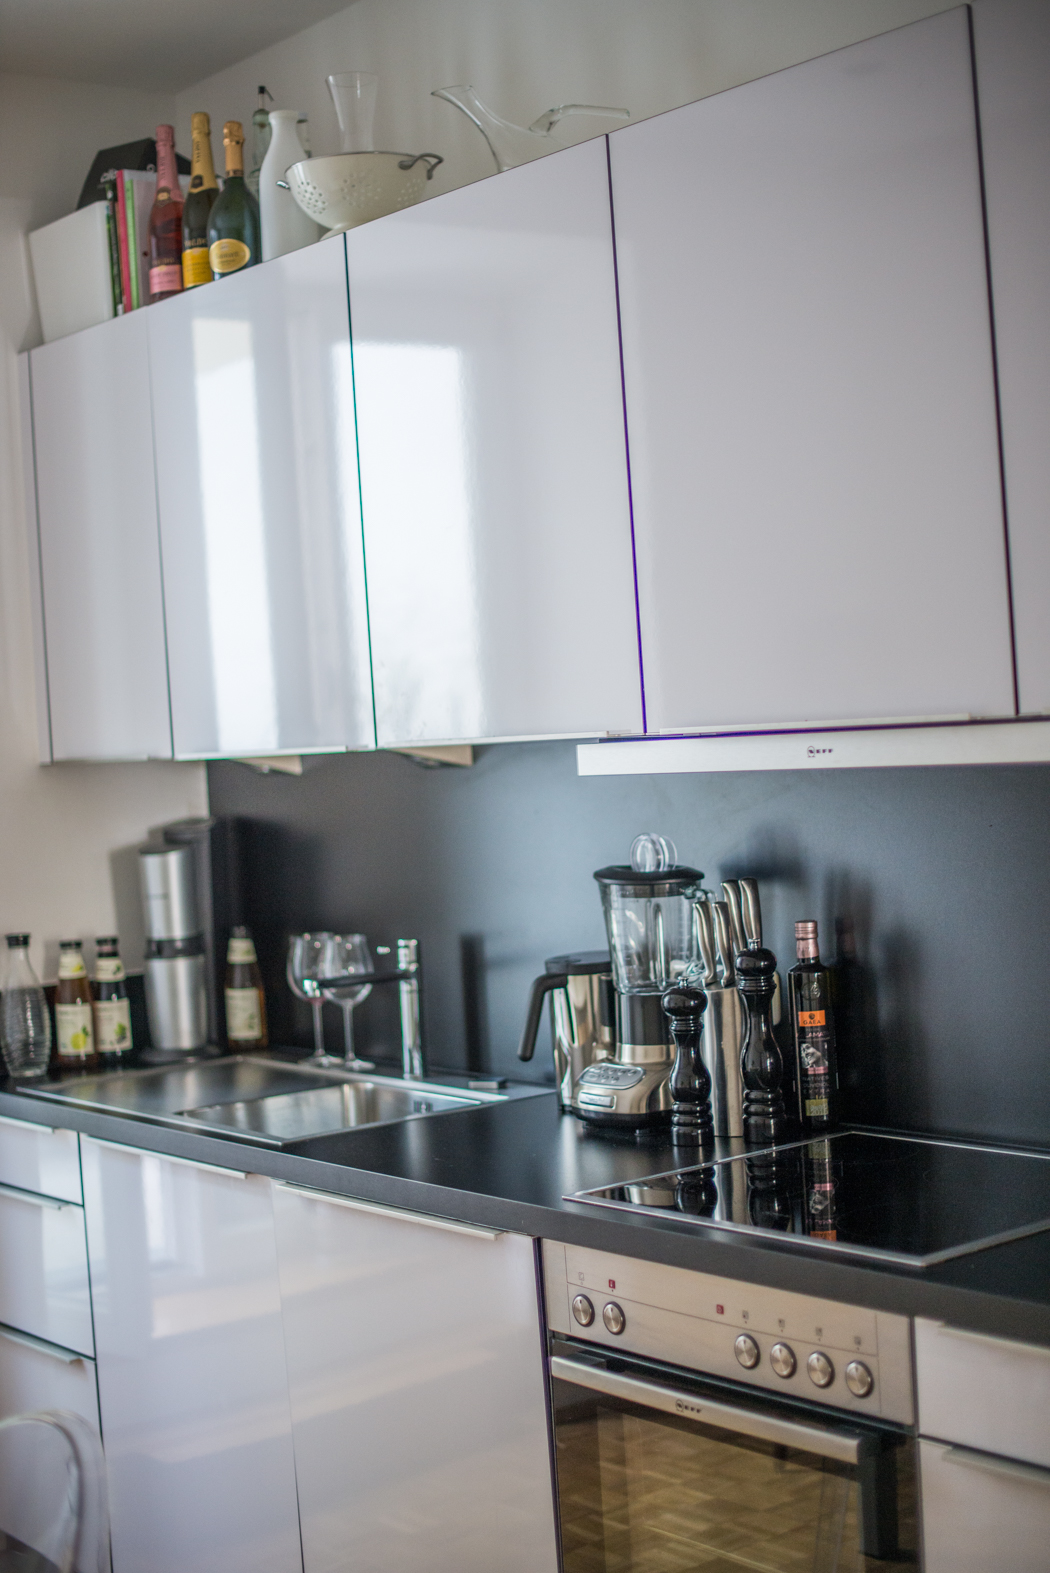 Groß Die Küche Blog Zeitgenössisch - Küchenschrank Ideen - eastbound ...